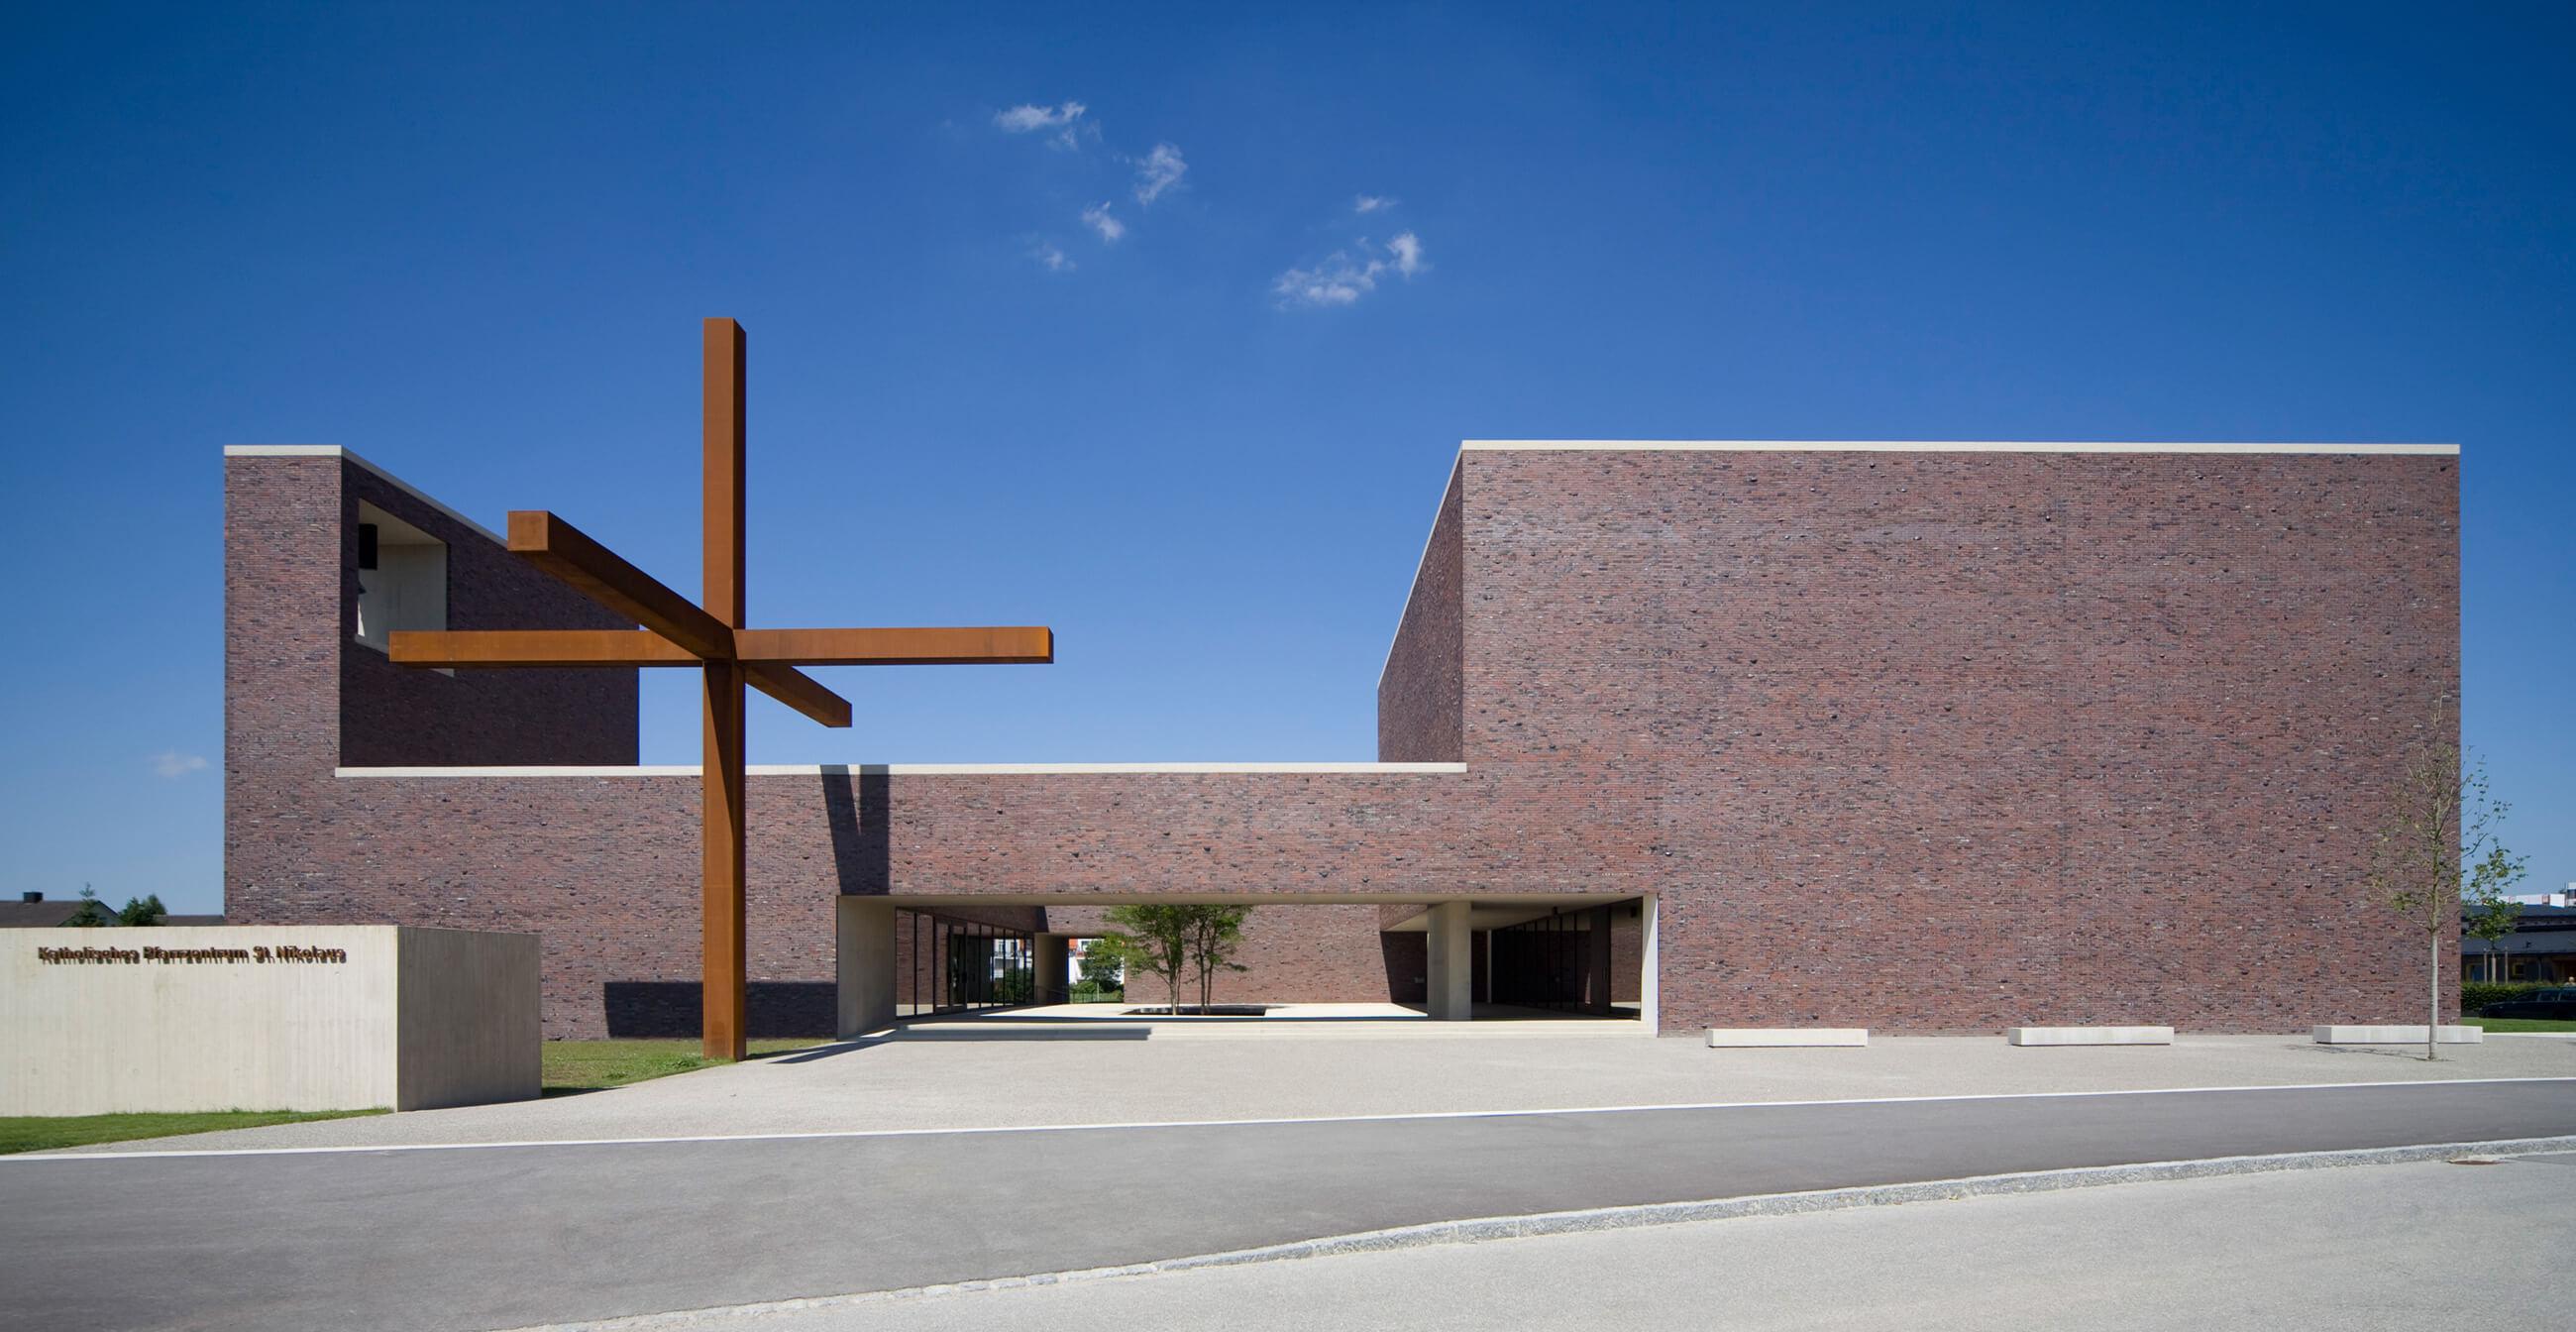 Pfarrzentrum St. Nikolaus, Neuried